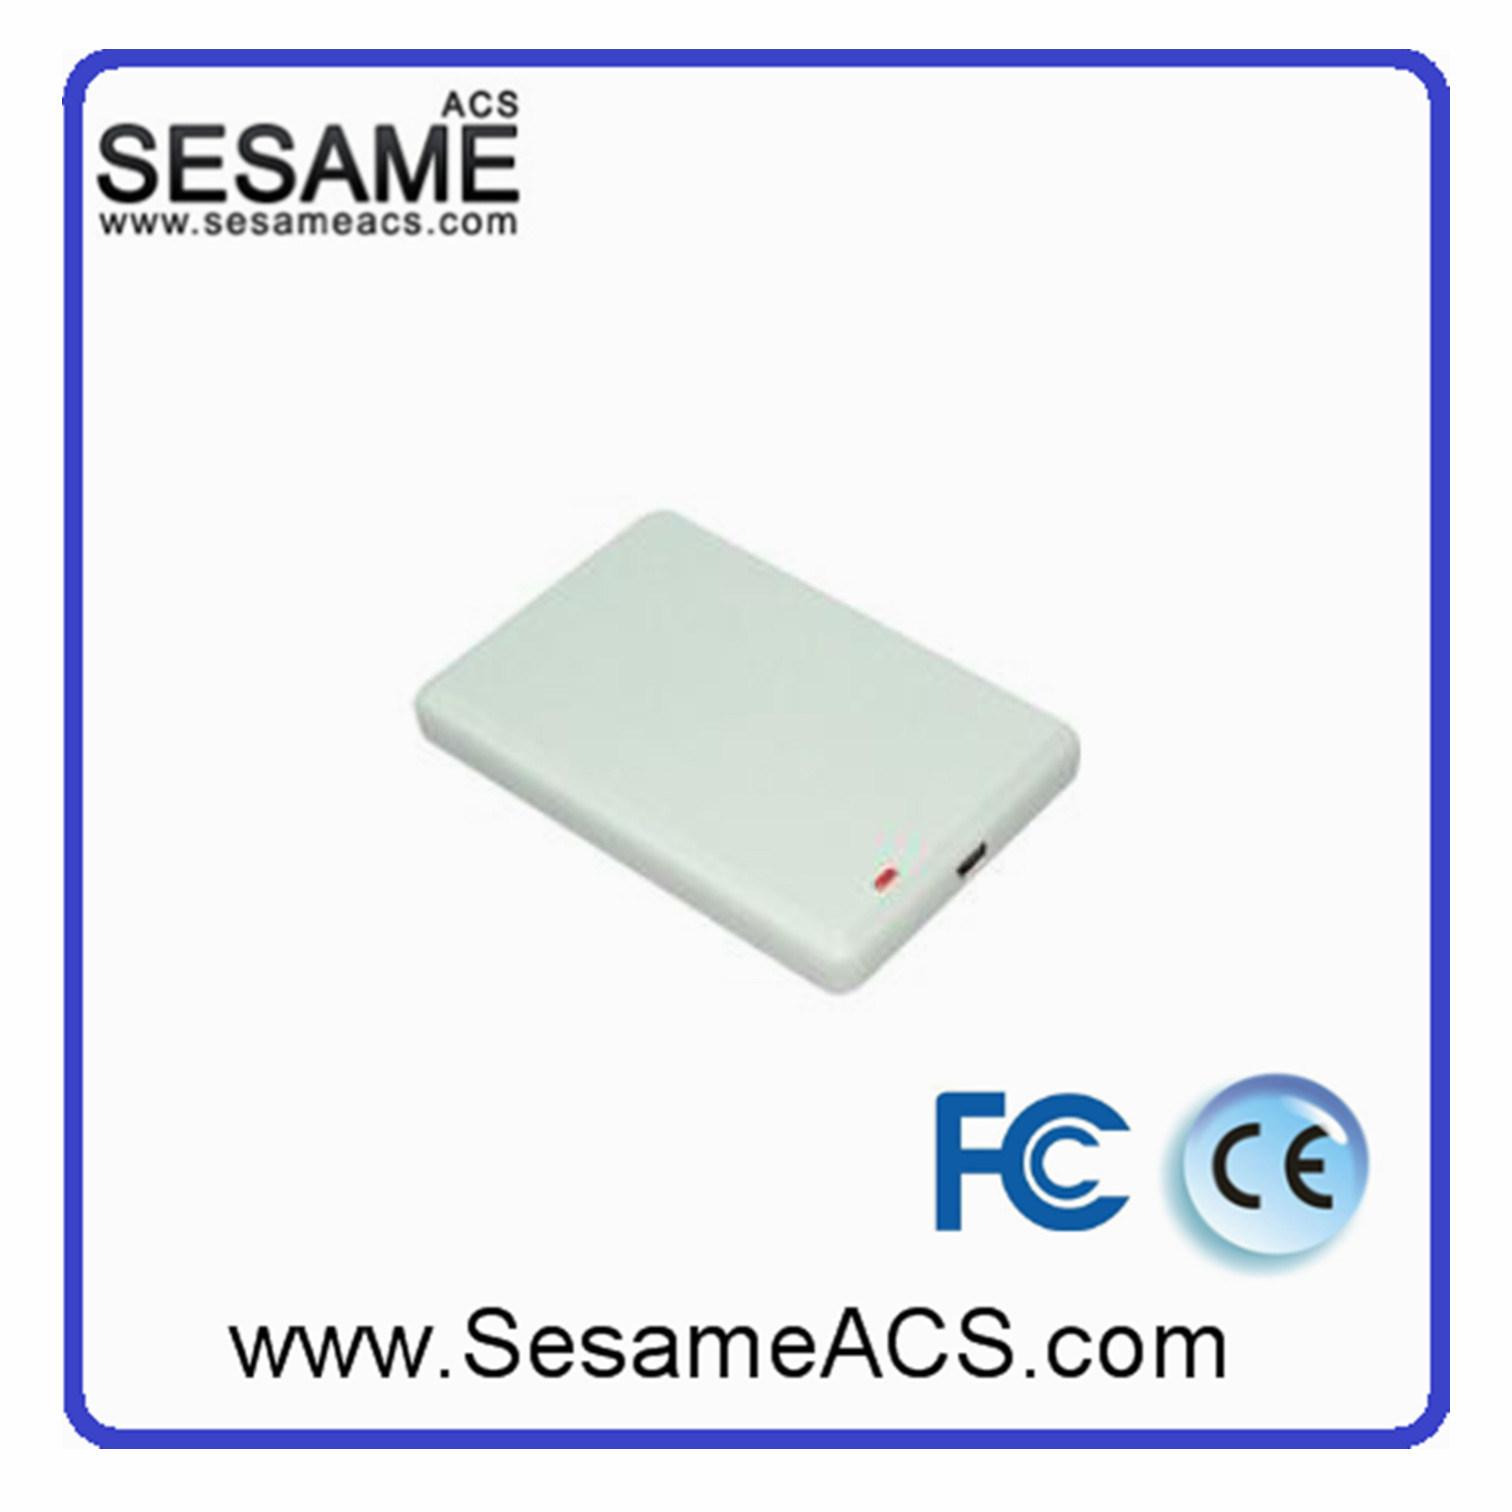 Long Range Card Reader & Writer for UHF Card (SR-5102)